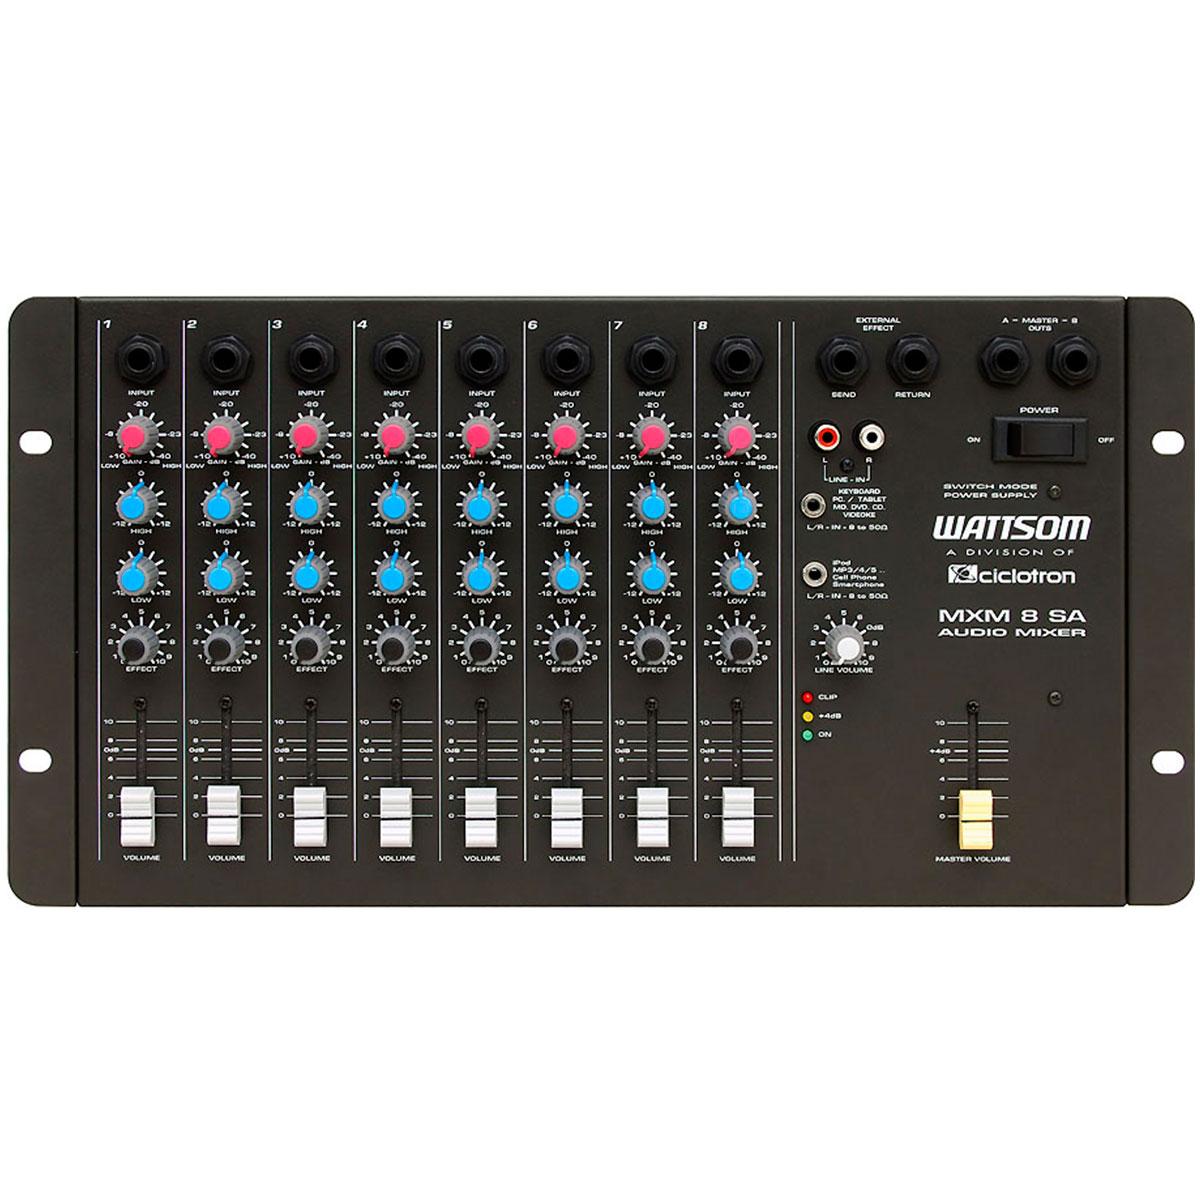 MXM8SA - Mesa de Som / Mixer 8 Canais MXM 8 SA - Ciclotron